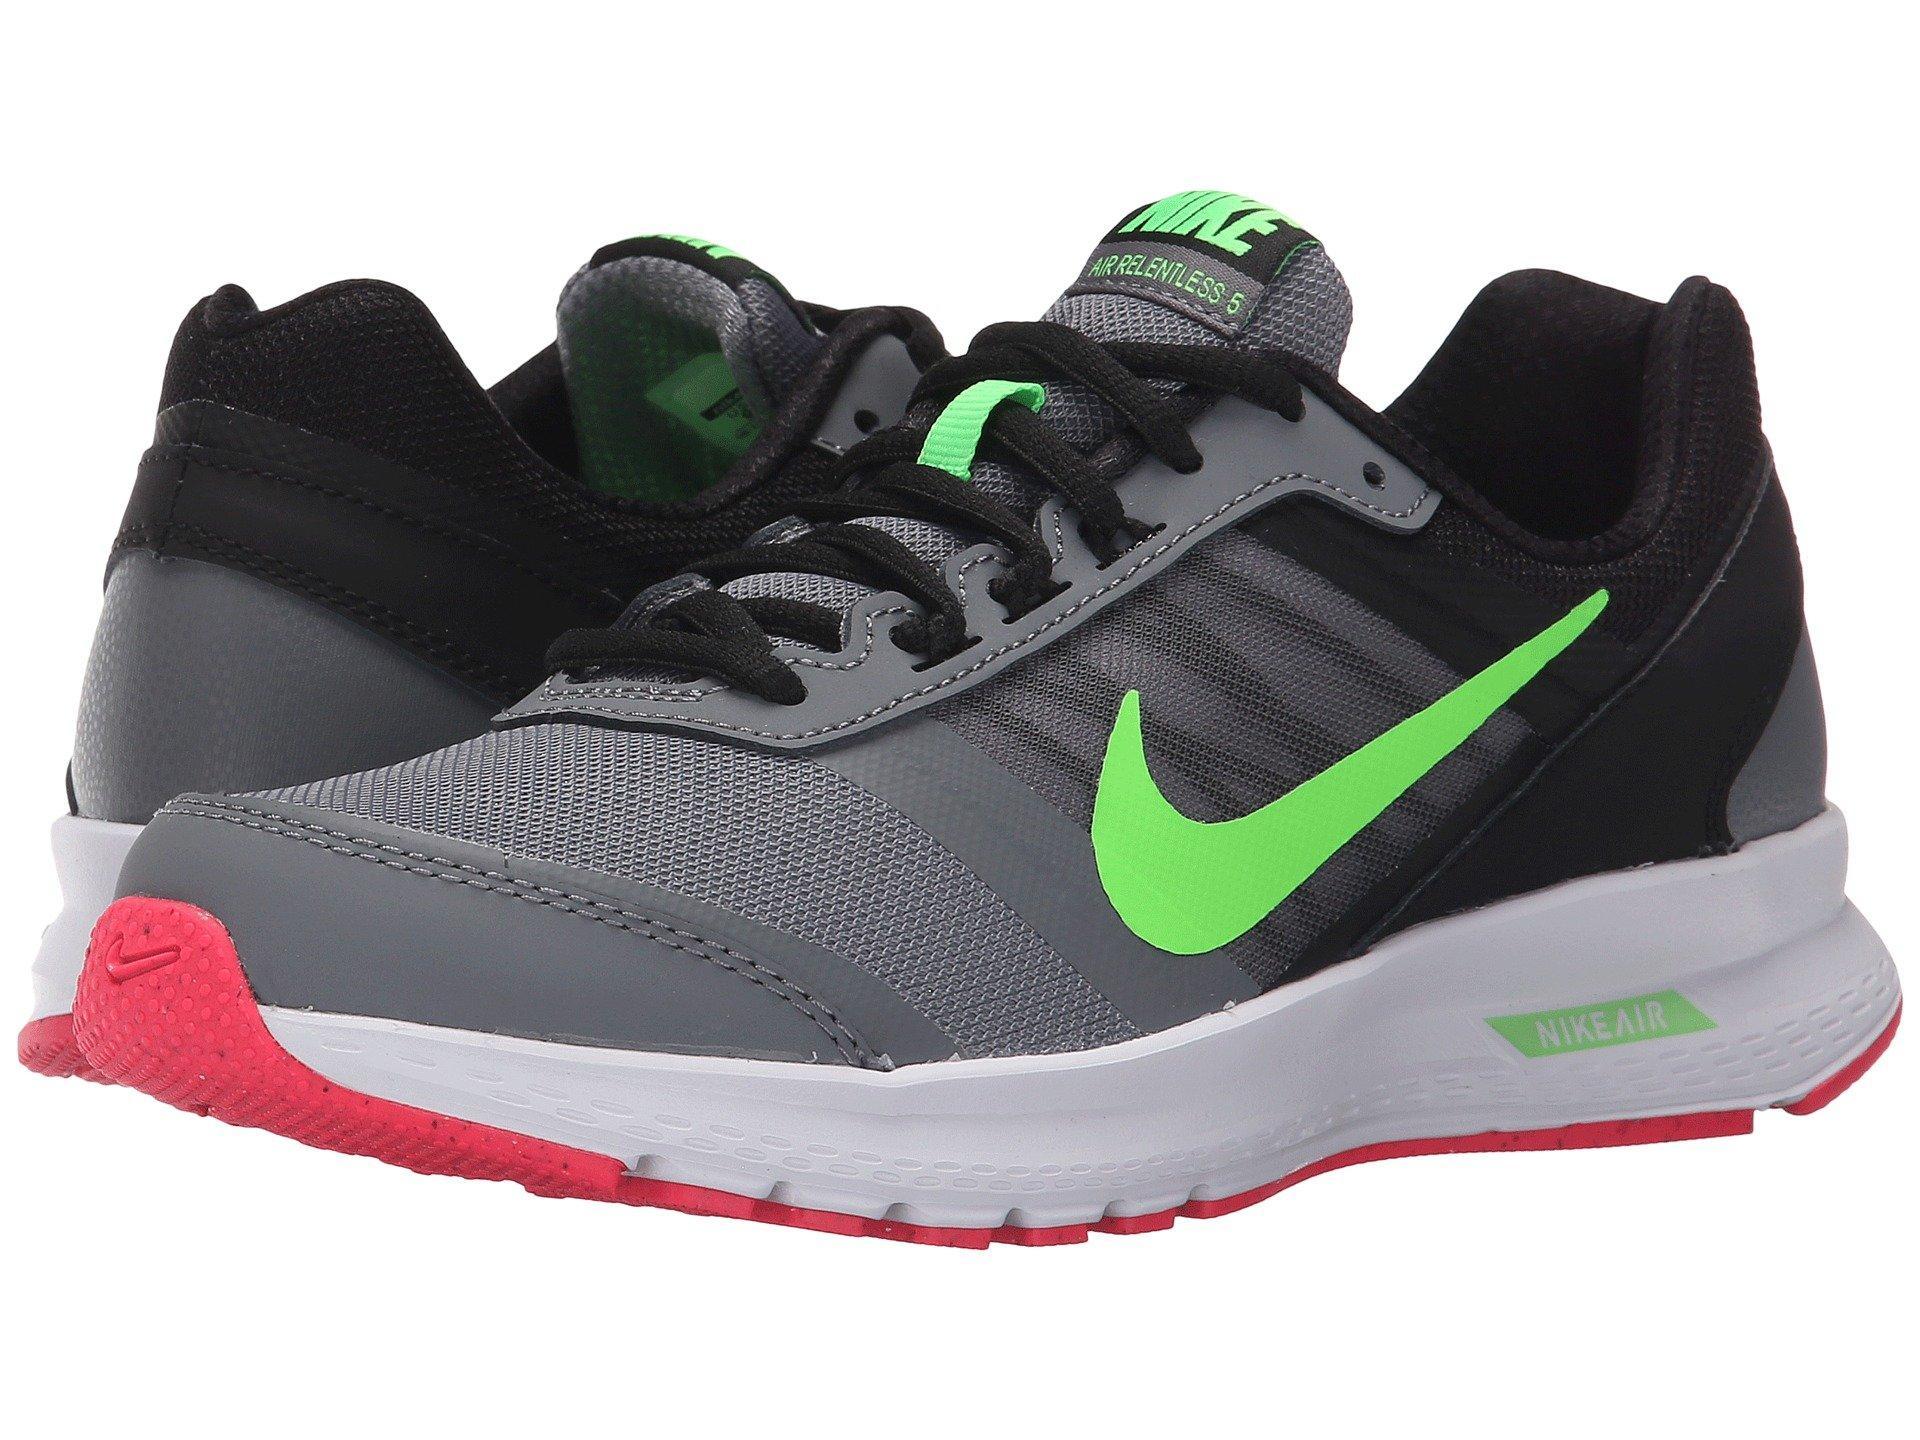 a35efb40a951 Nike Air Relentless 5